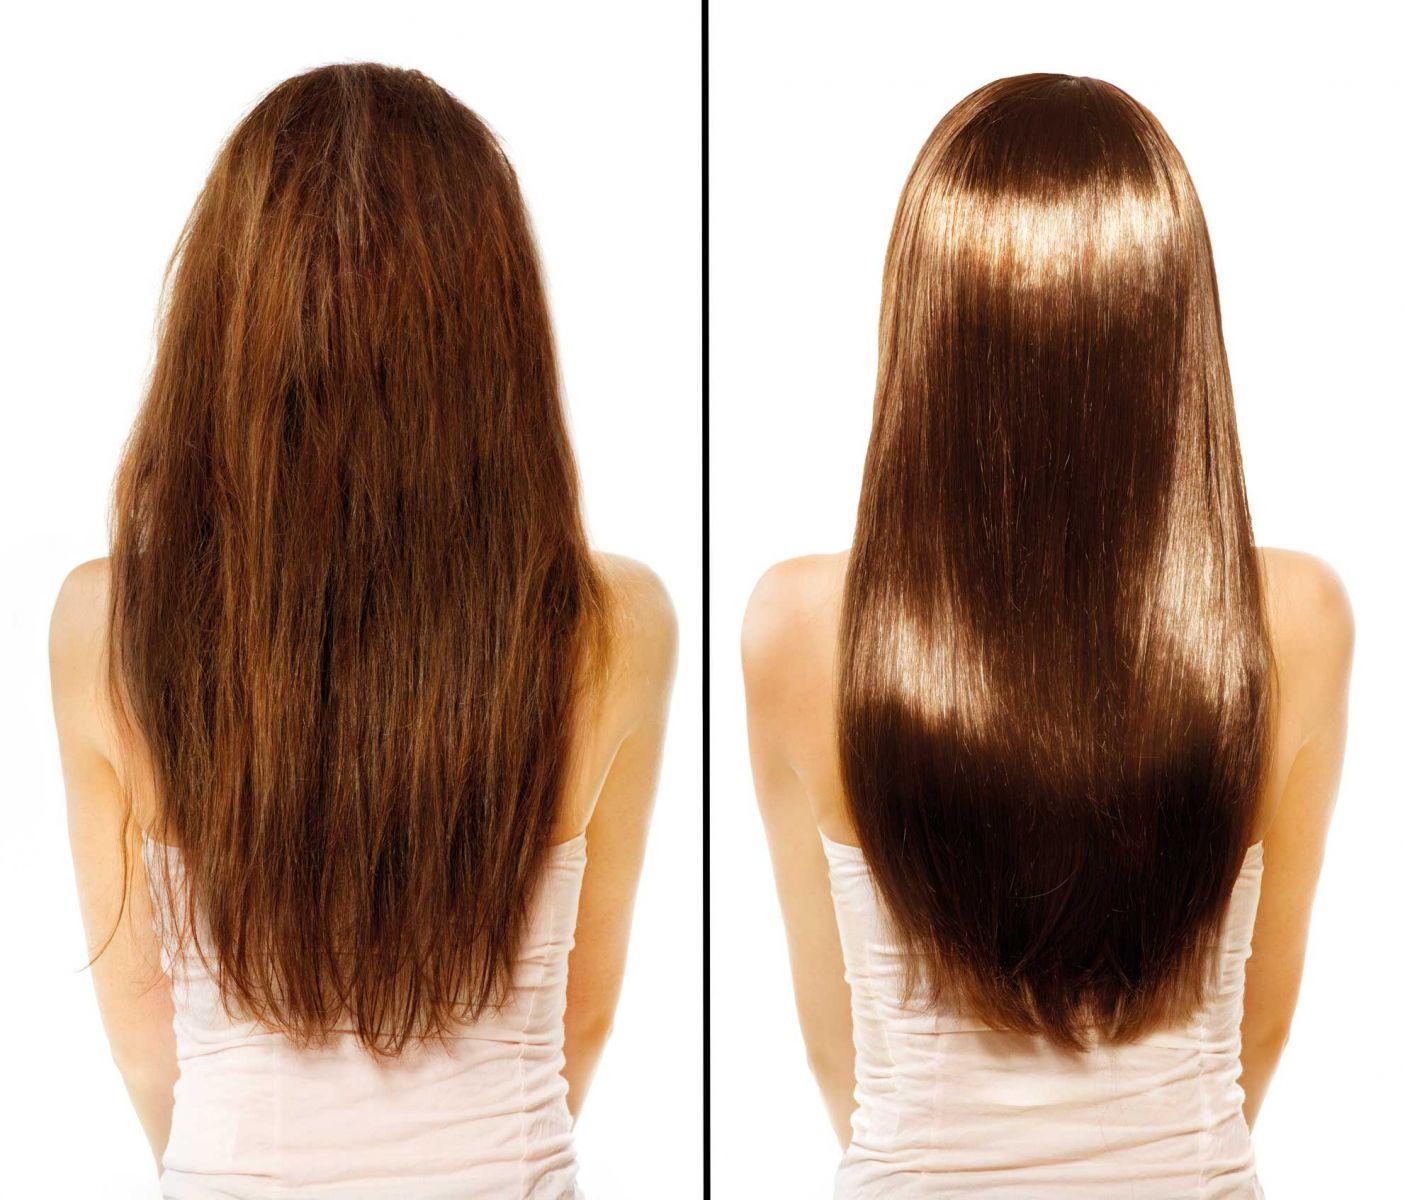 Фотофакт: Алессандра Амбросио подожгла свои волосы